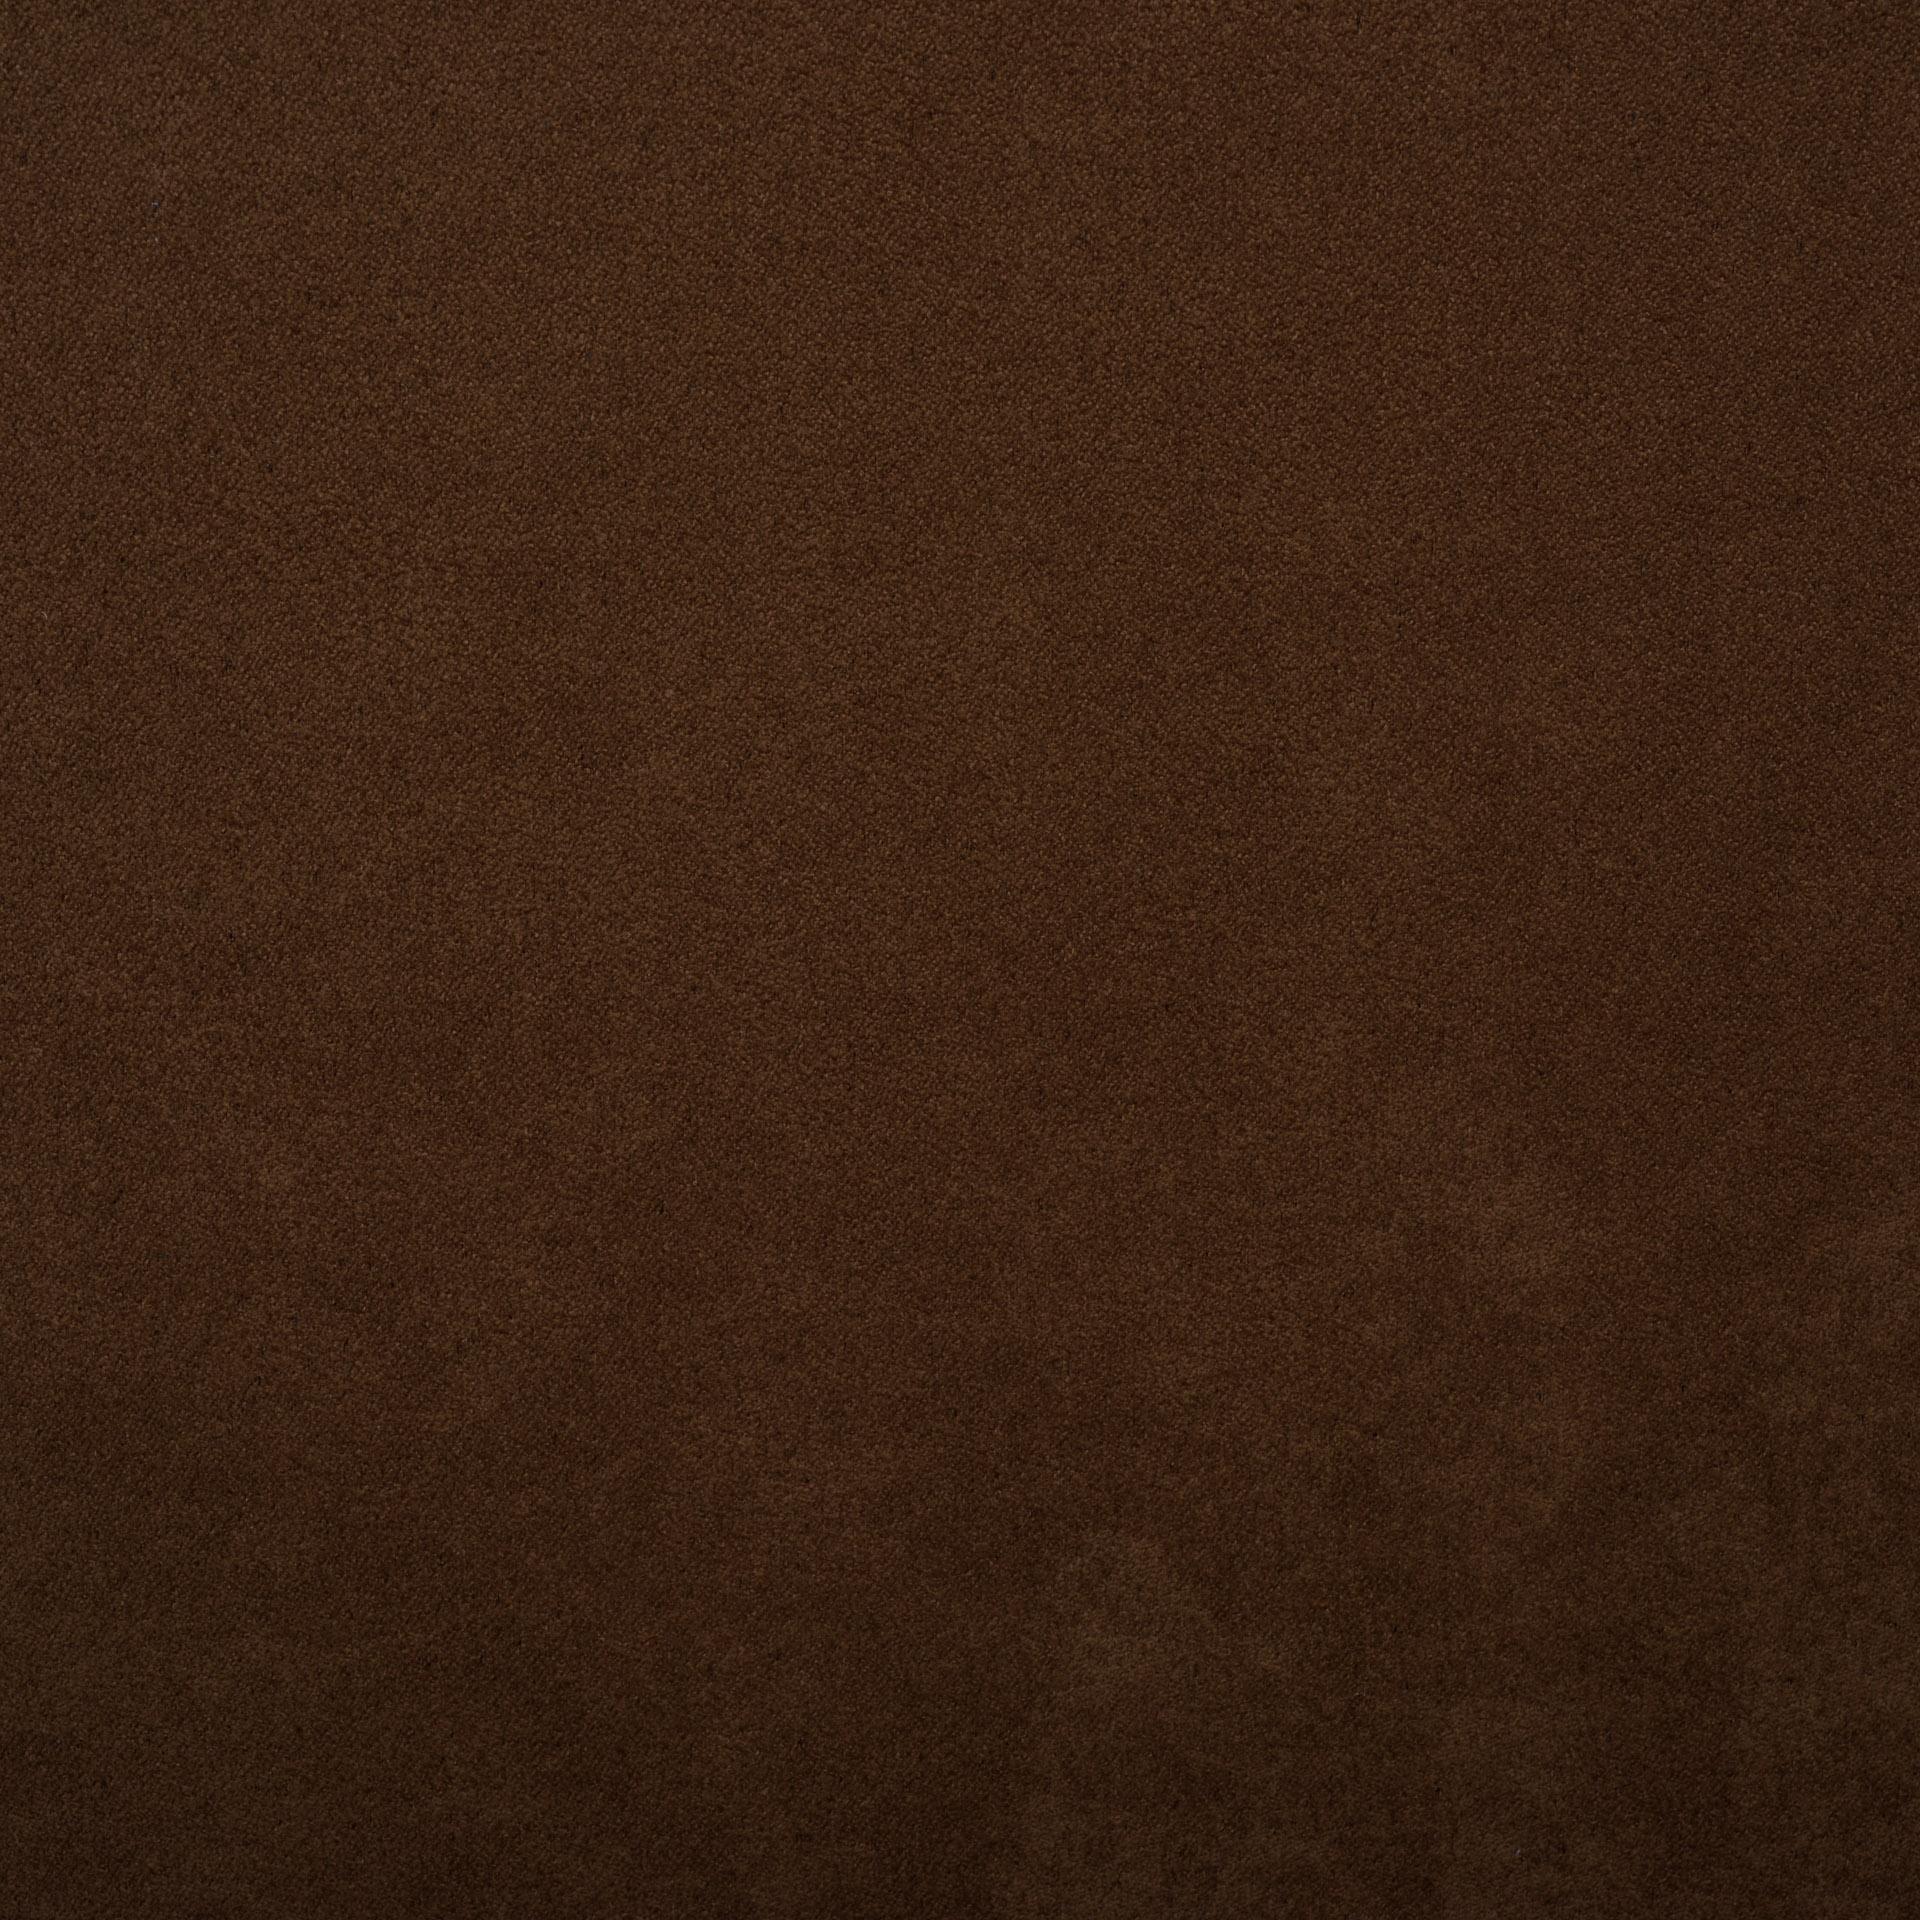 Коллекция ткани Бонд BROWN 05,  купить ткань Велюр для мебели Украина